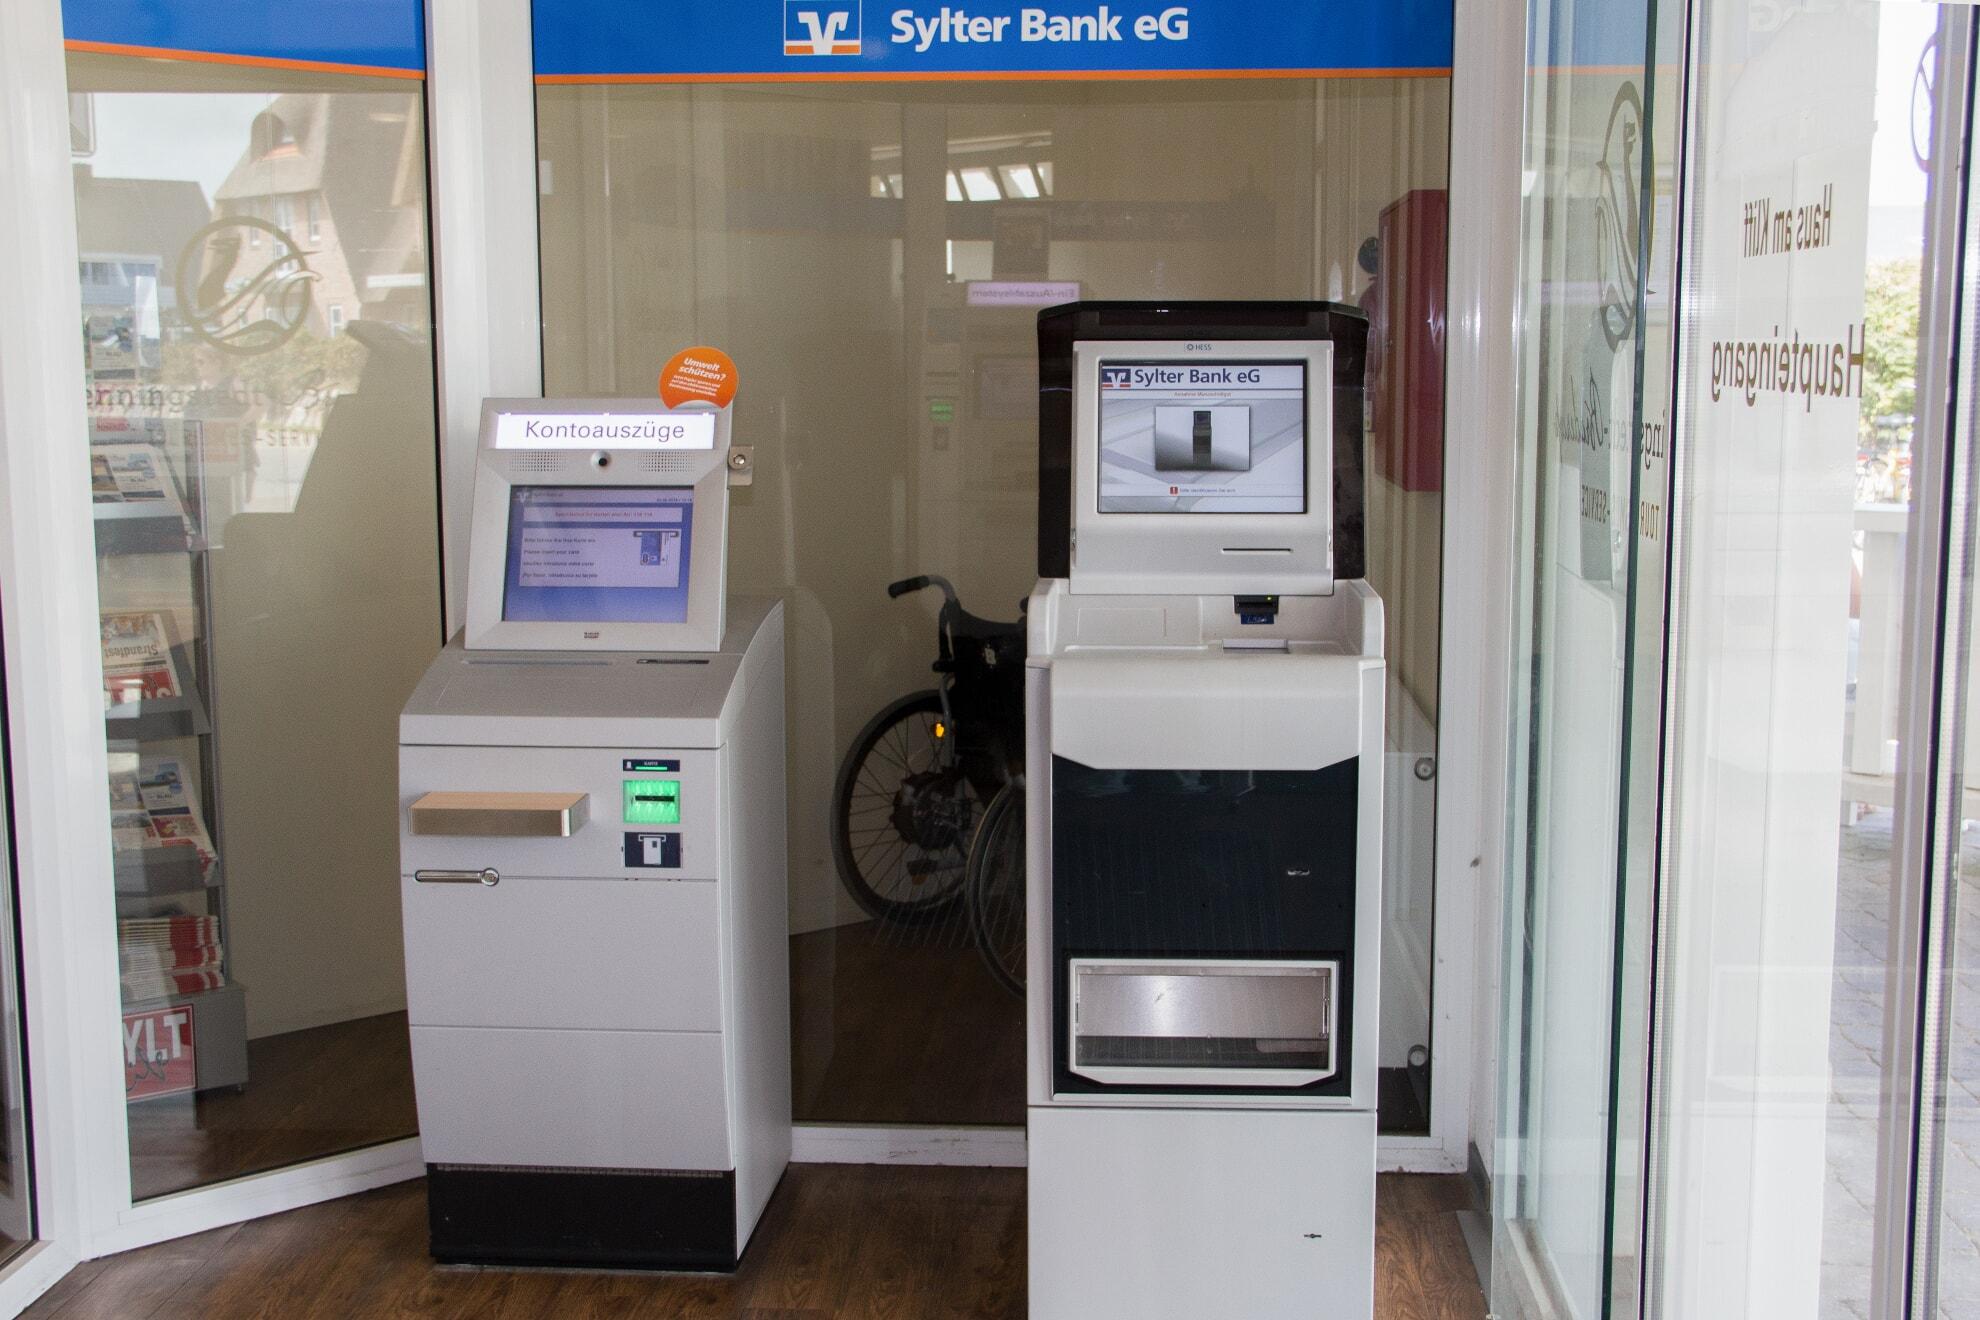 SB-Filiale der Sylter Bank